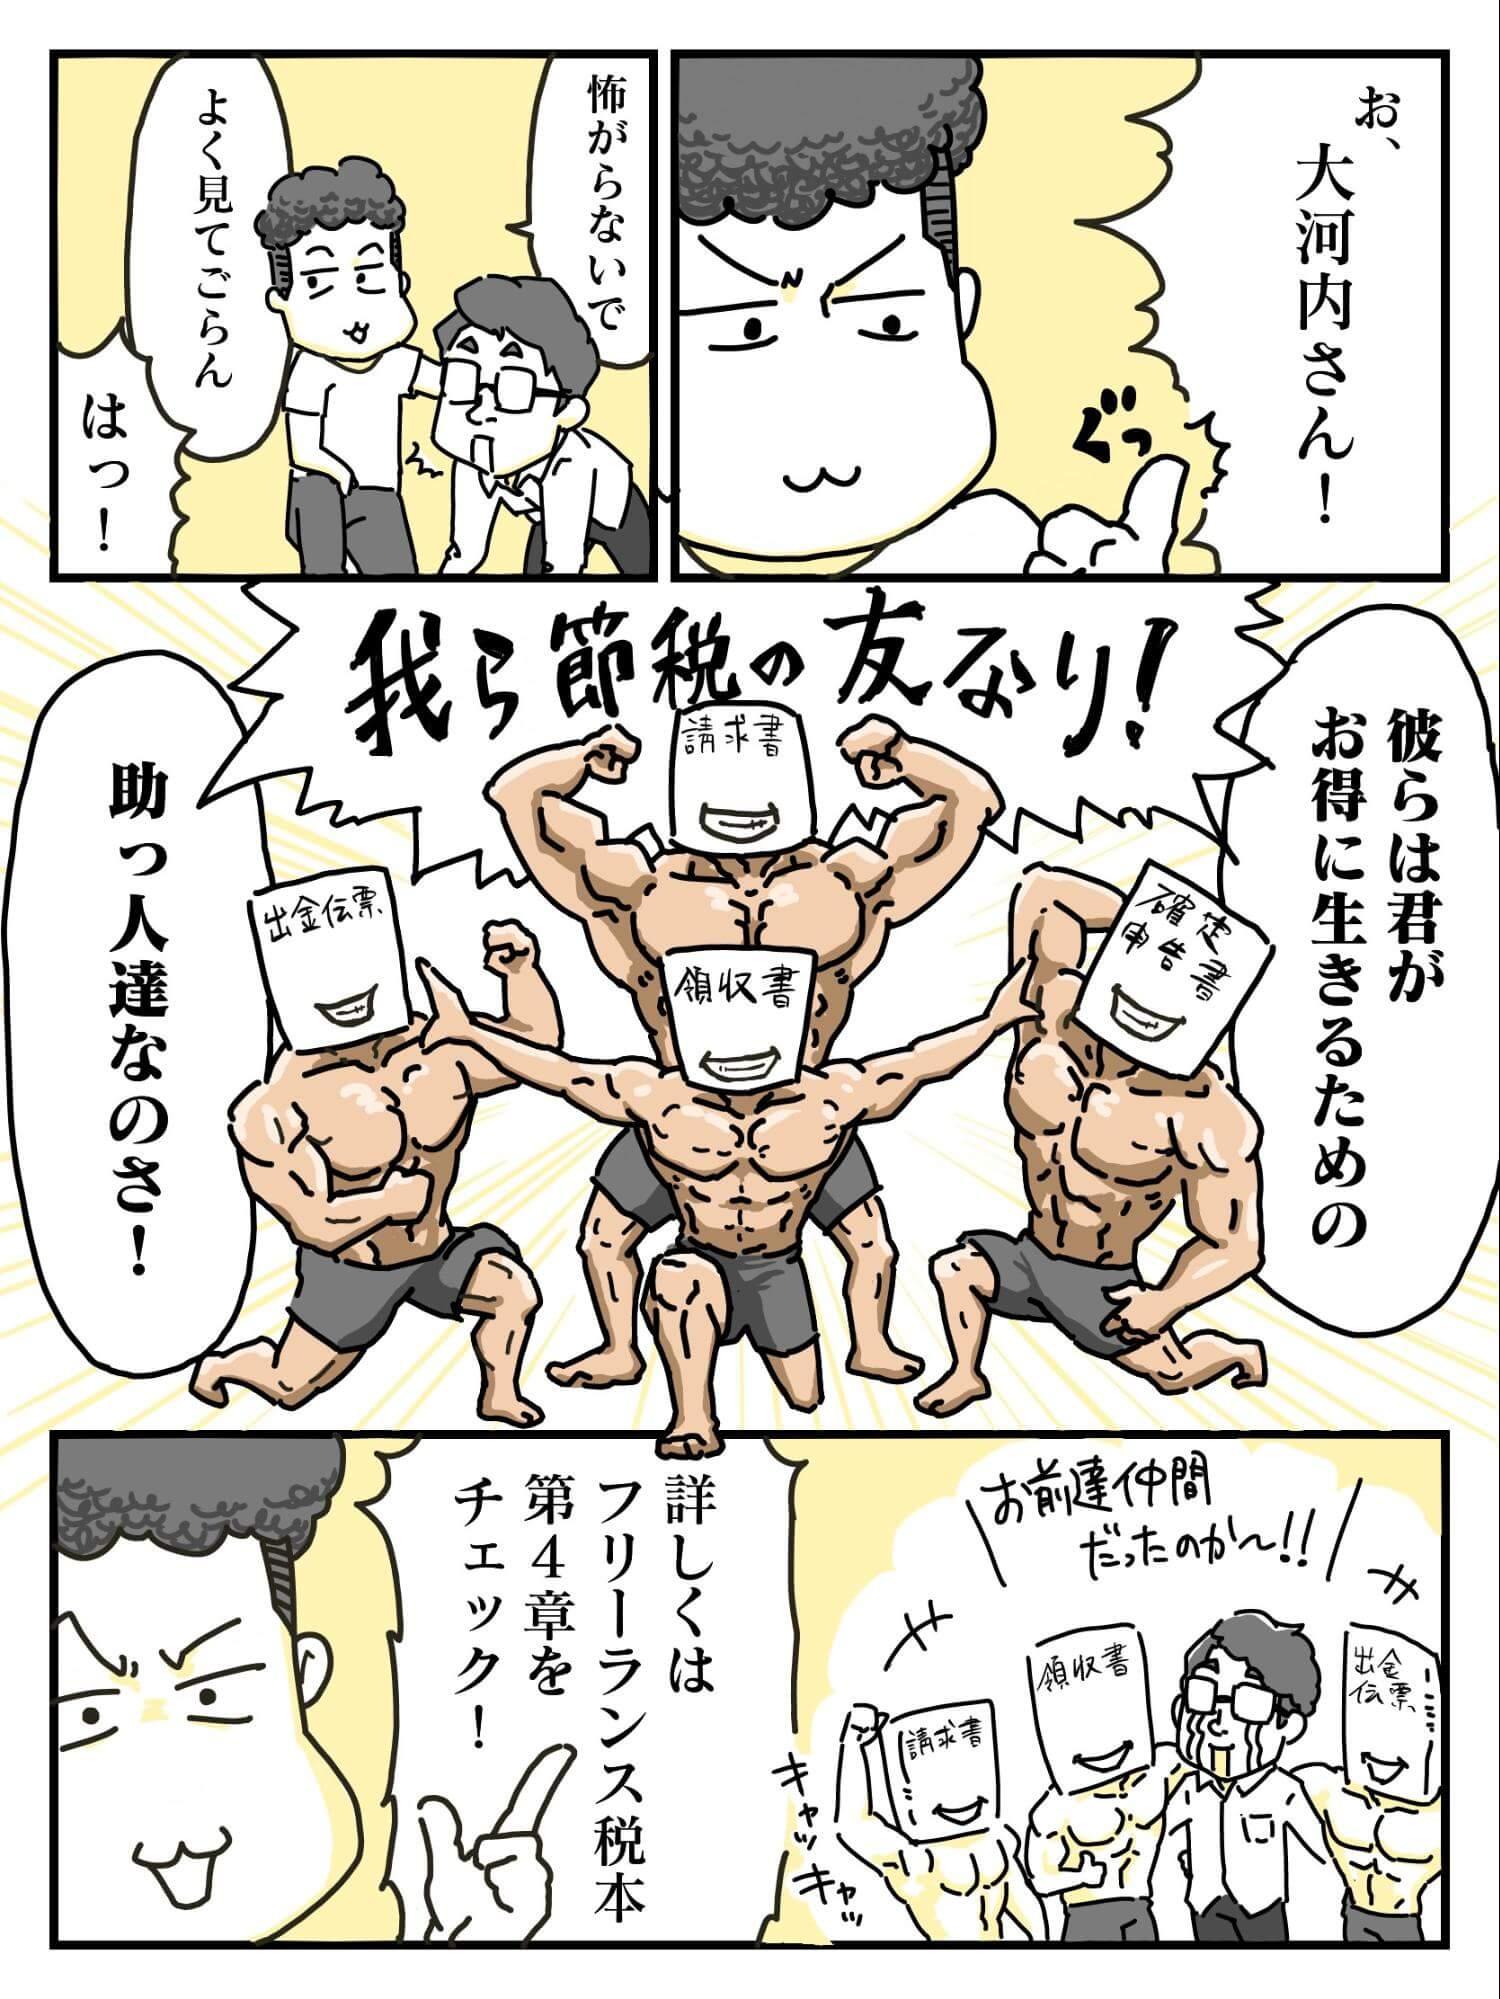 税金 フリーランス 漫画 経費